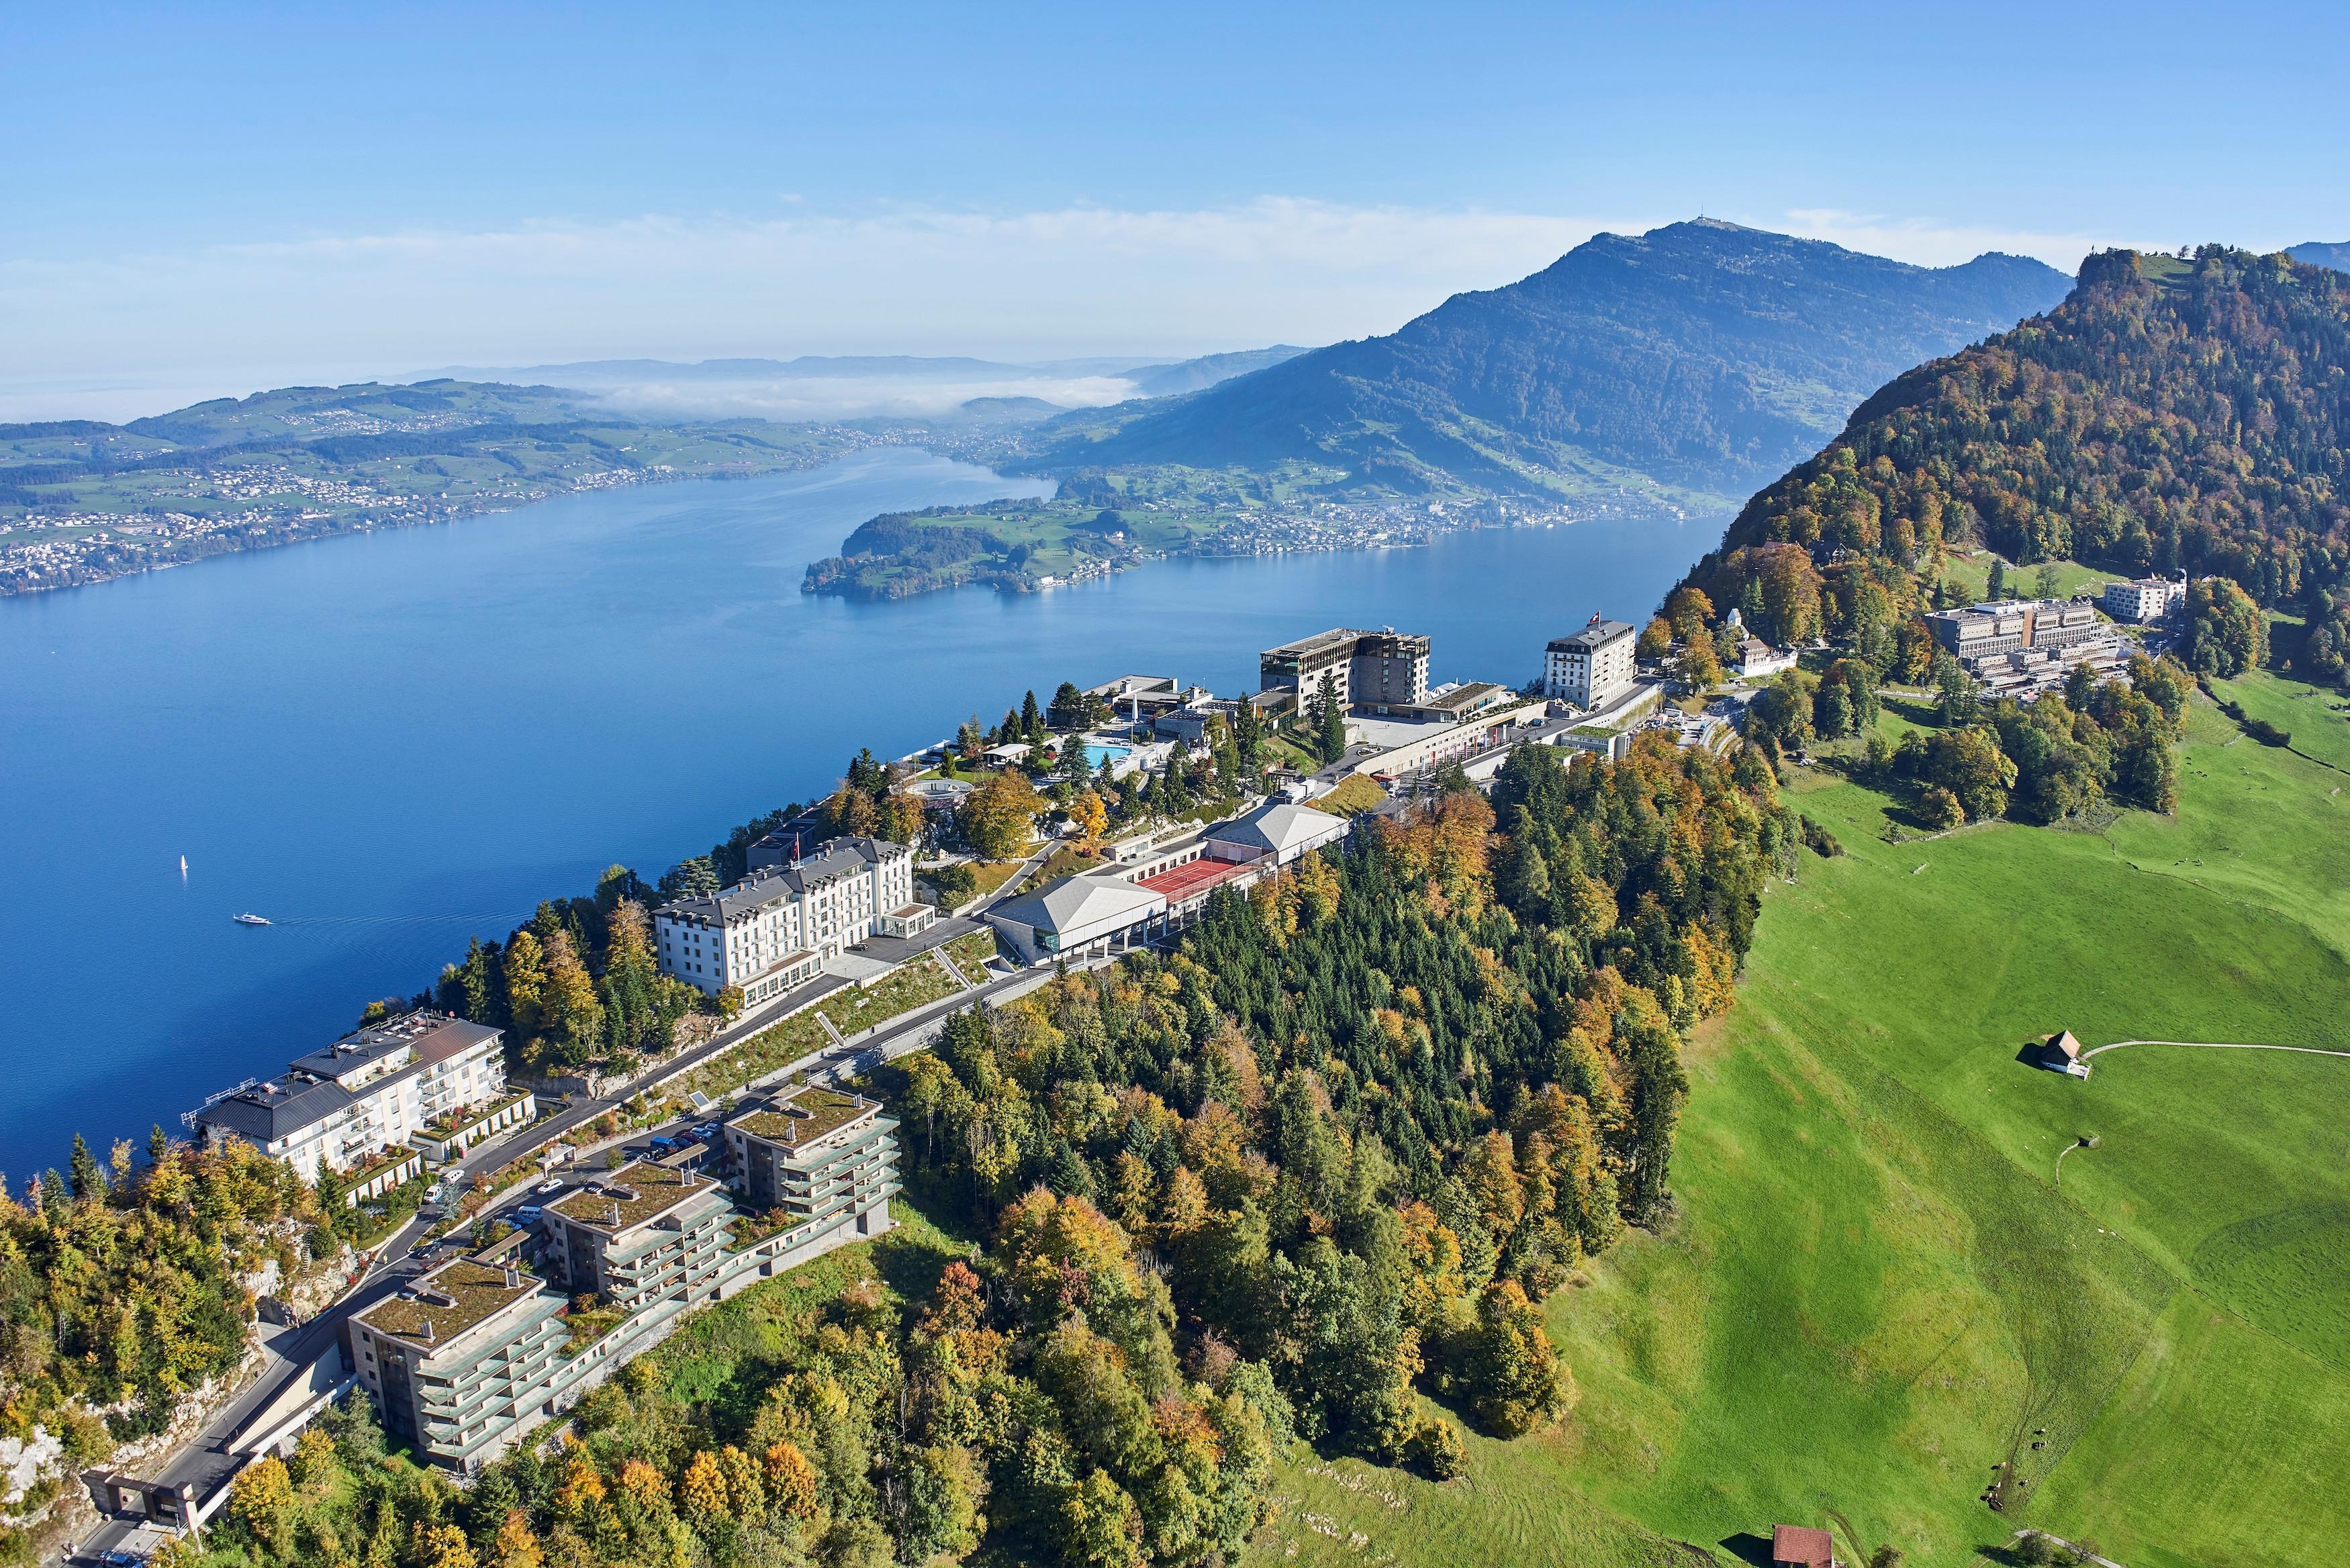 Buergenstock_Resort_Lake_Lucerne